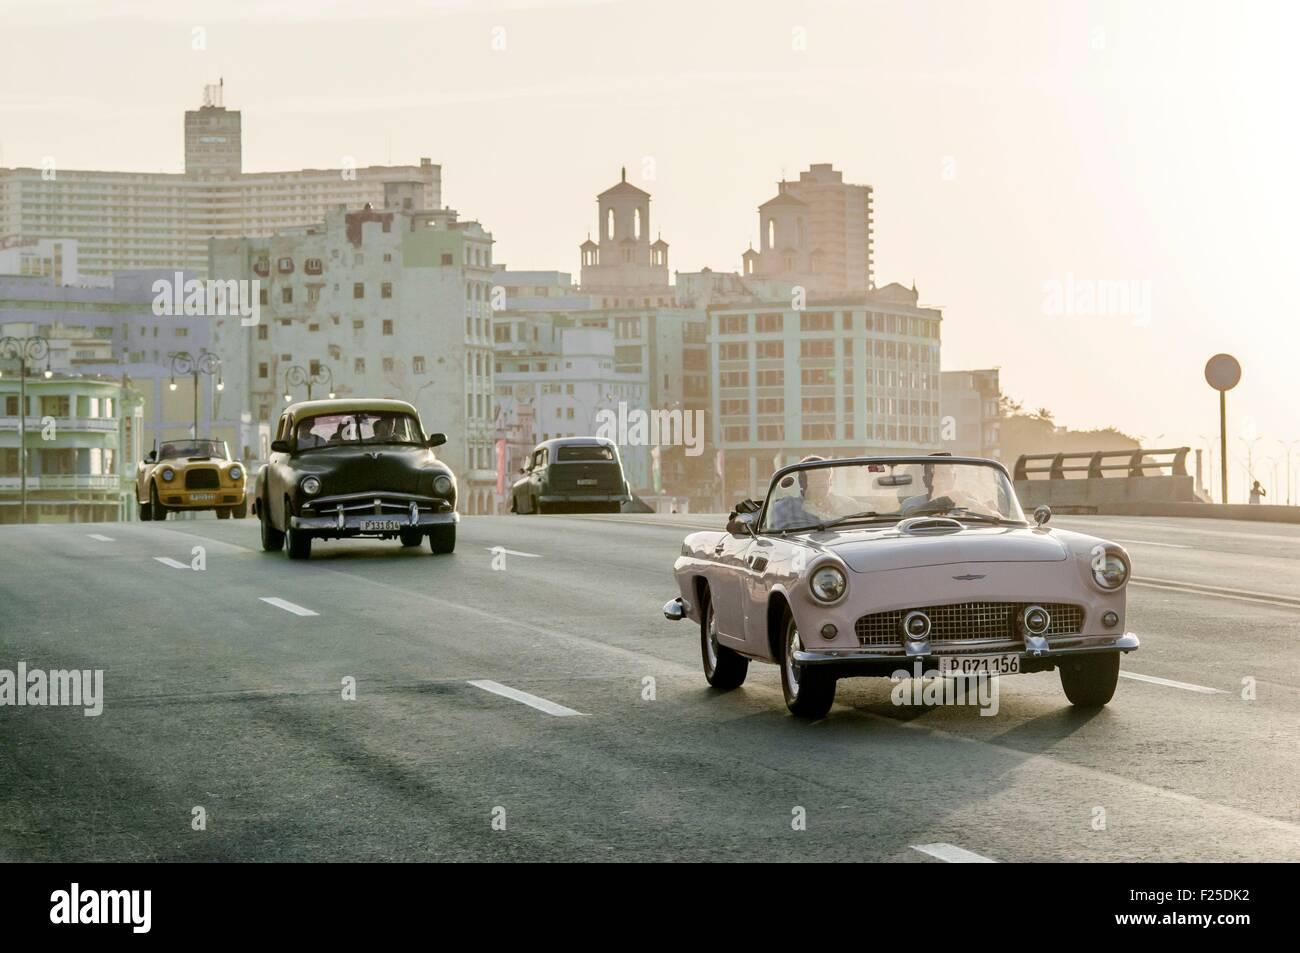 Cuba, La Habana, Malecon, il traffico nel Centro Habana district Immagini Stock